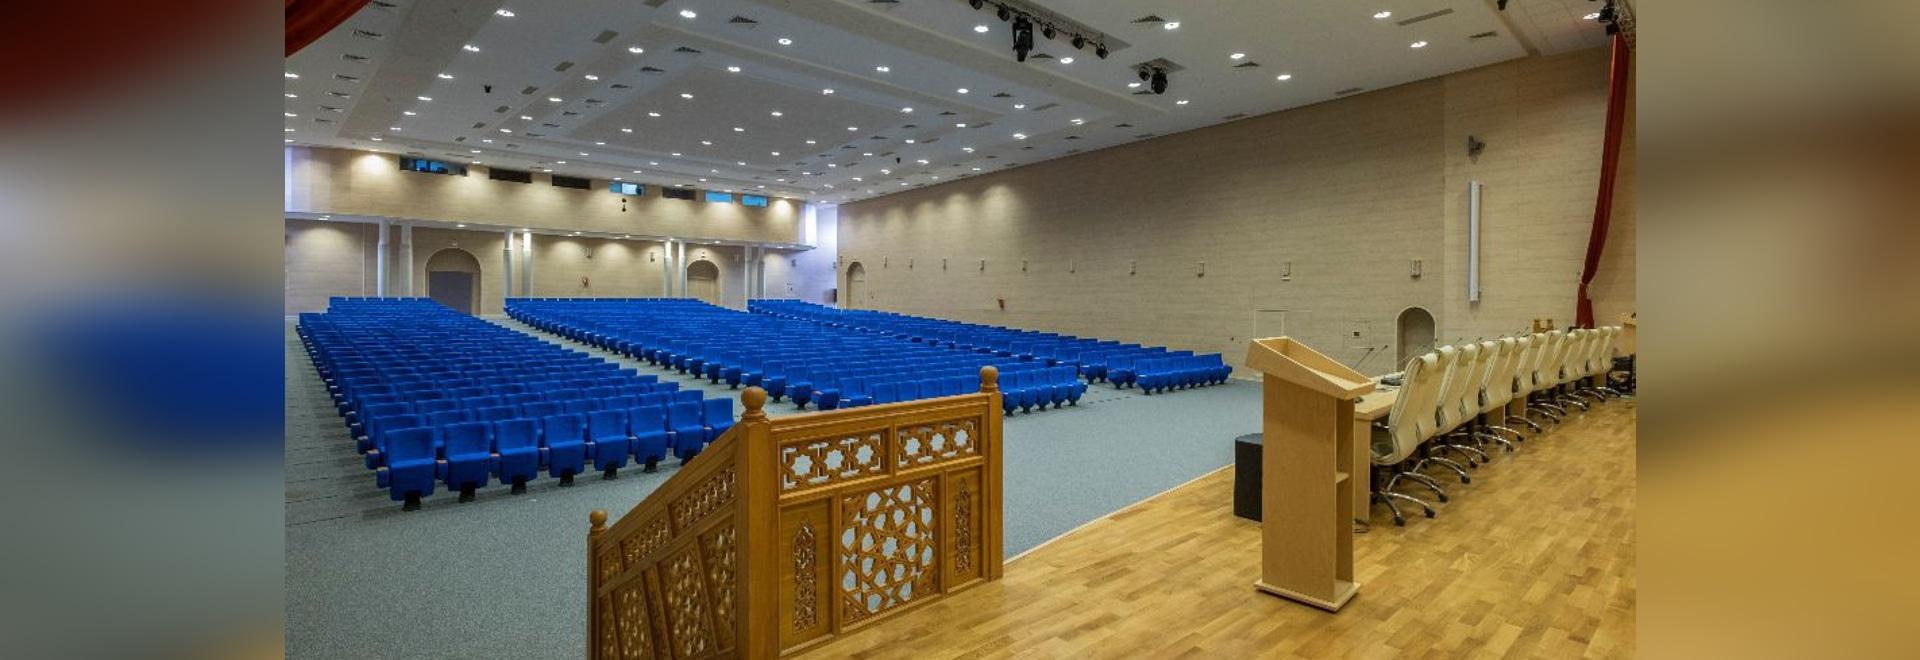 Quinette Gallay équipe la salle de conférences du ministère des Habous et affaires islamiques